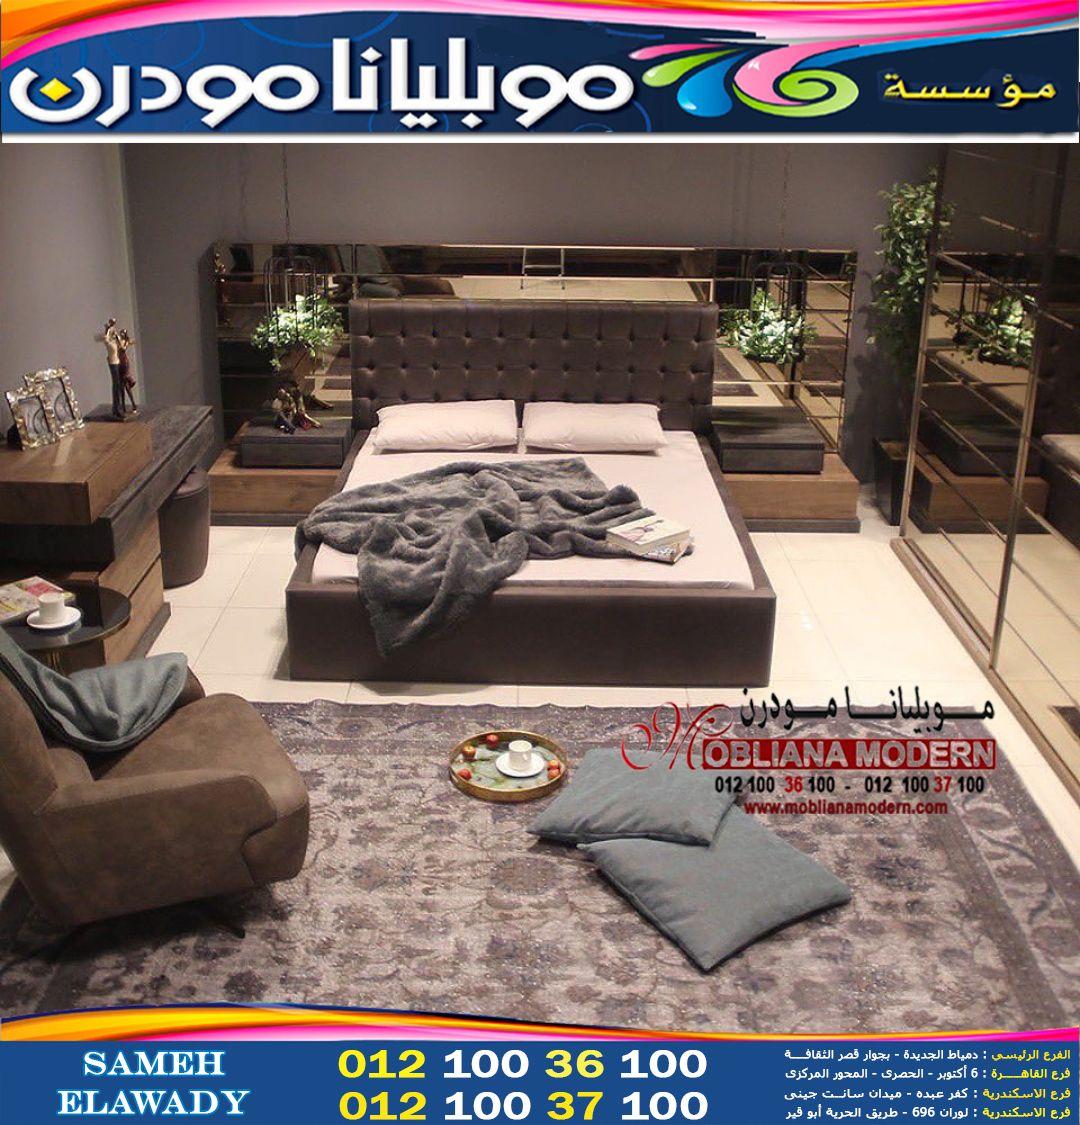 نوم مرايات 2025 غرف نوم Mobliana In 2021 Furniture Bedroom Home Decor